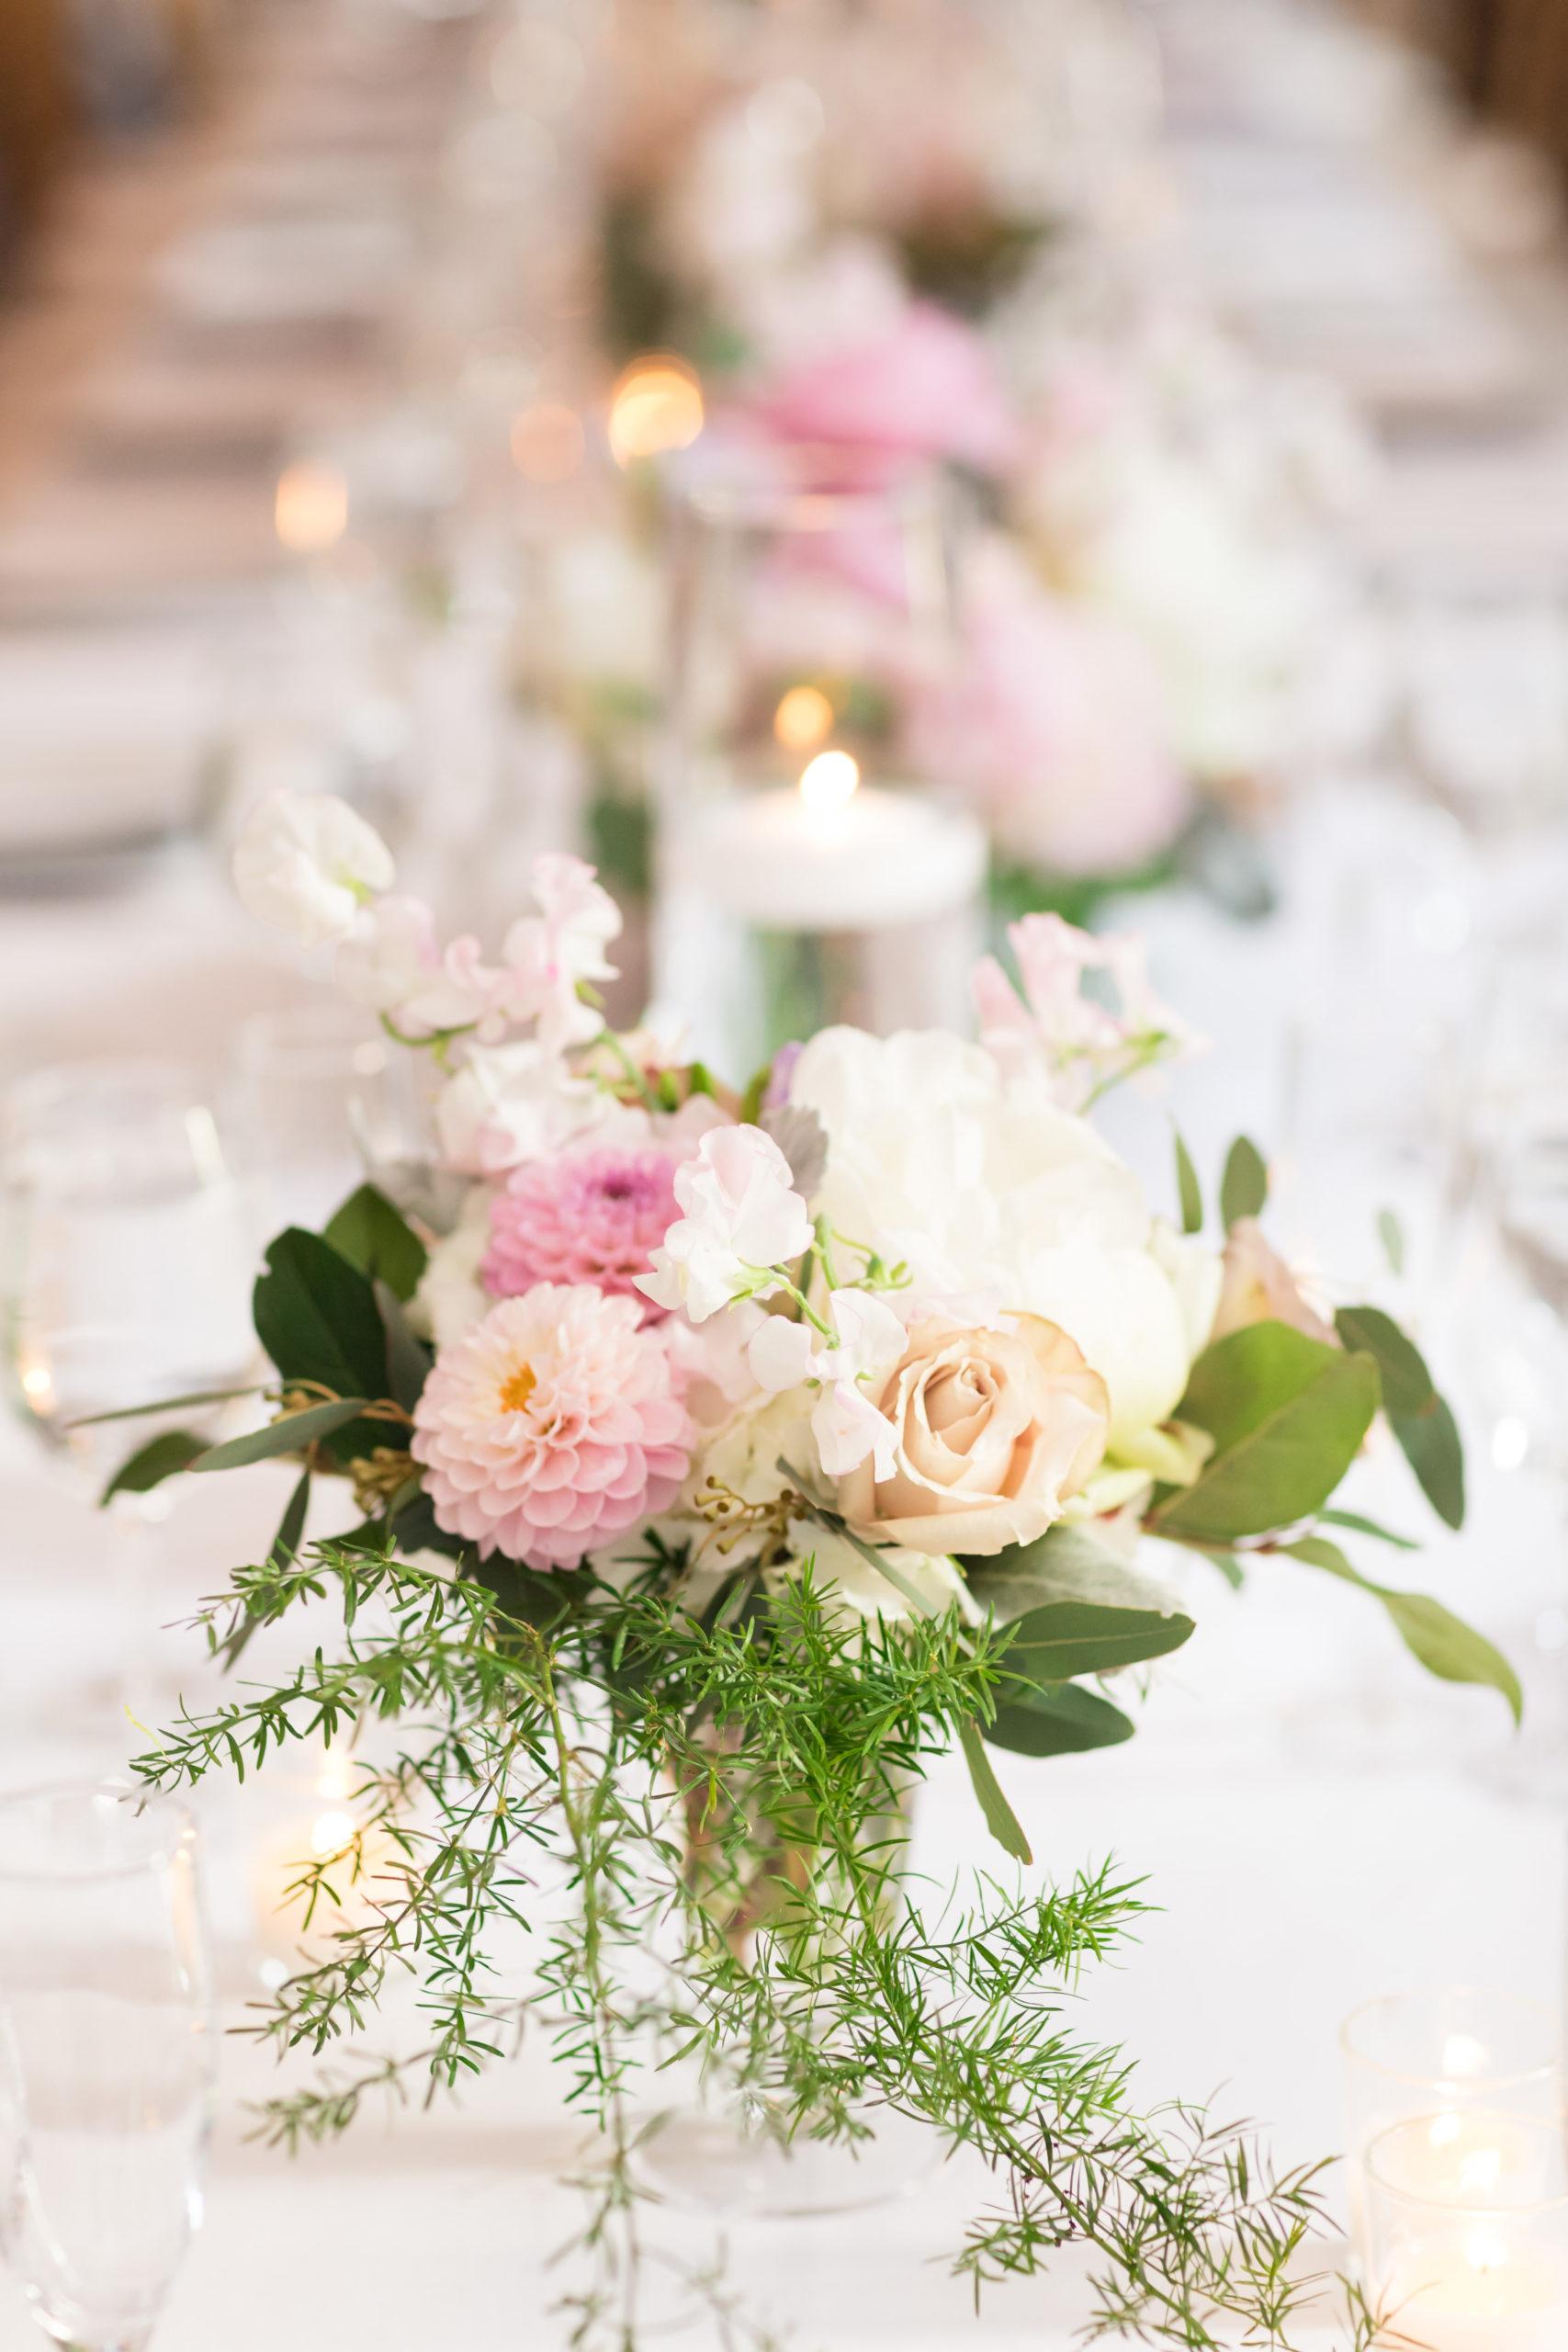 Rose Dahlia Wedding Centerpiece